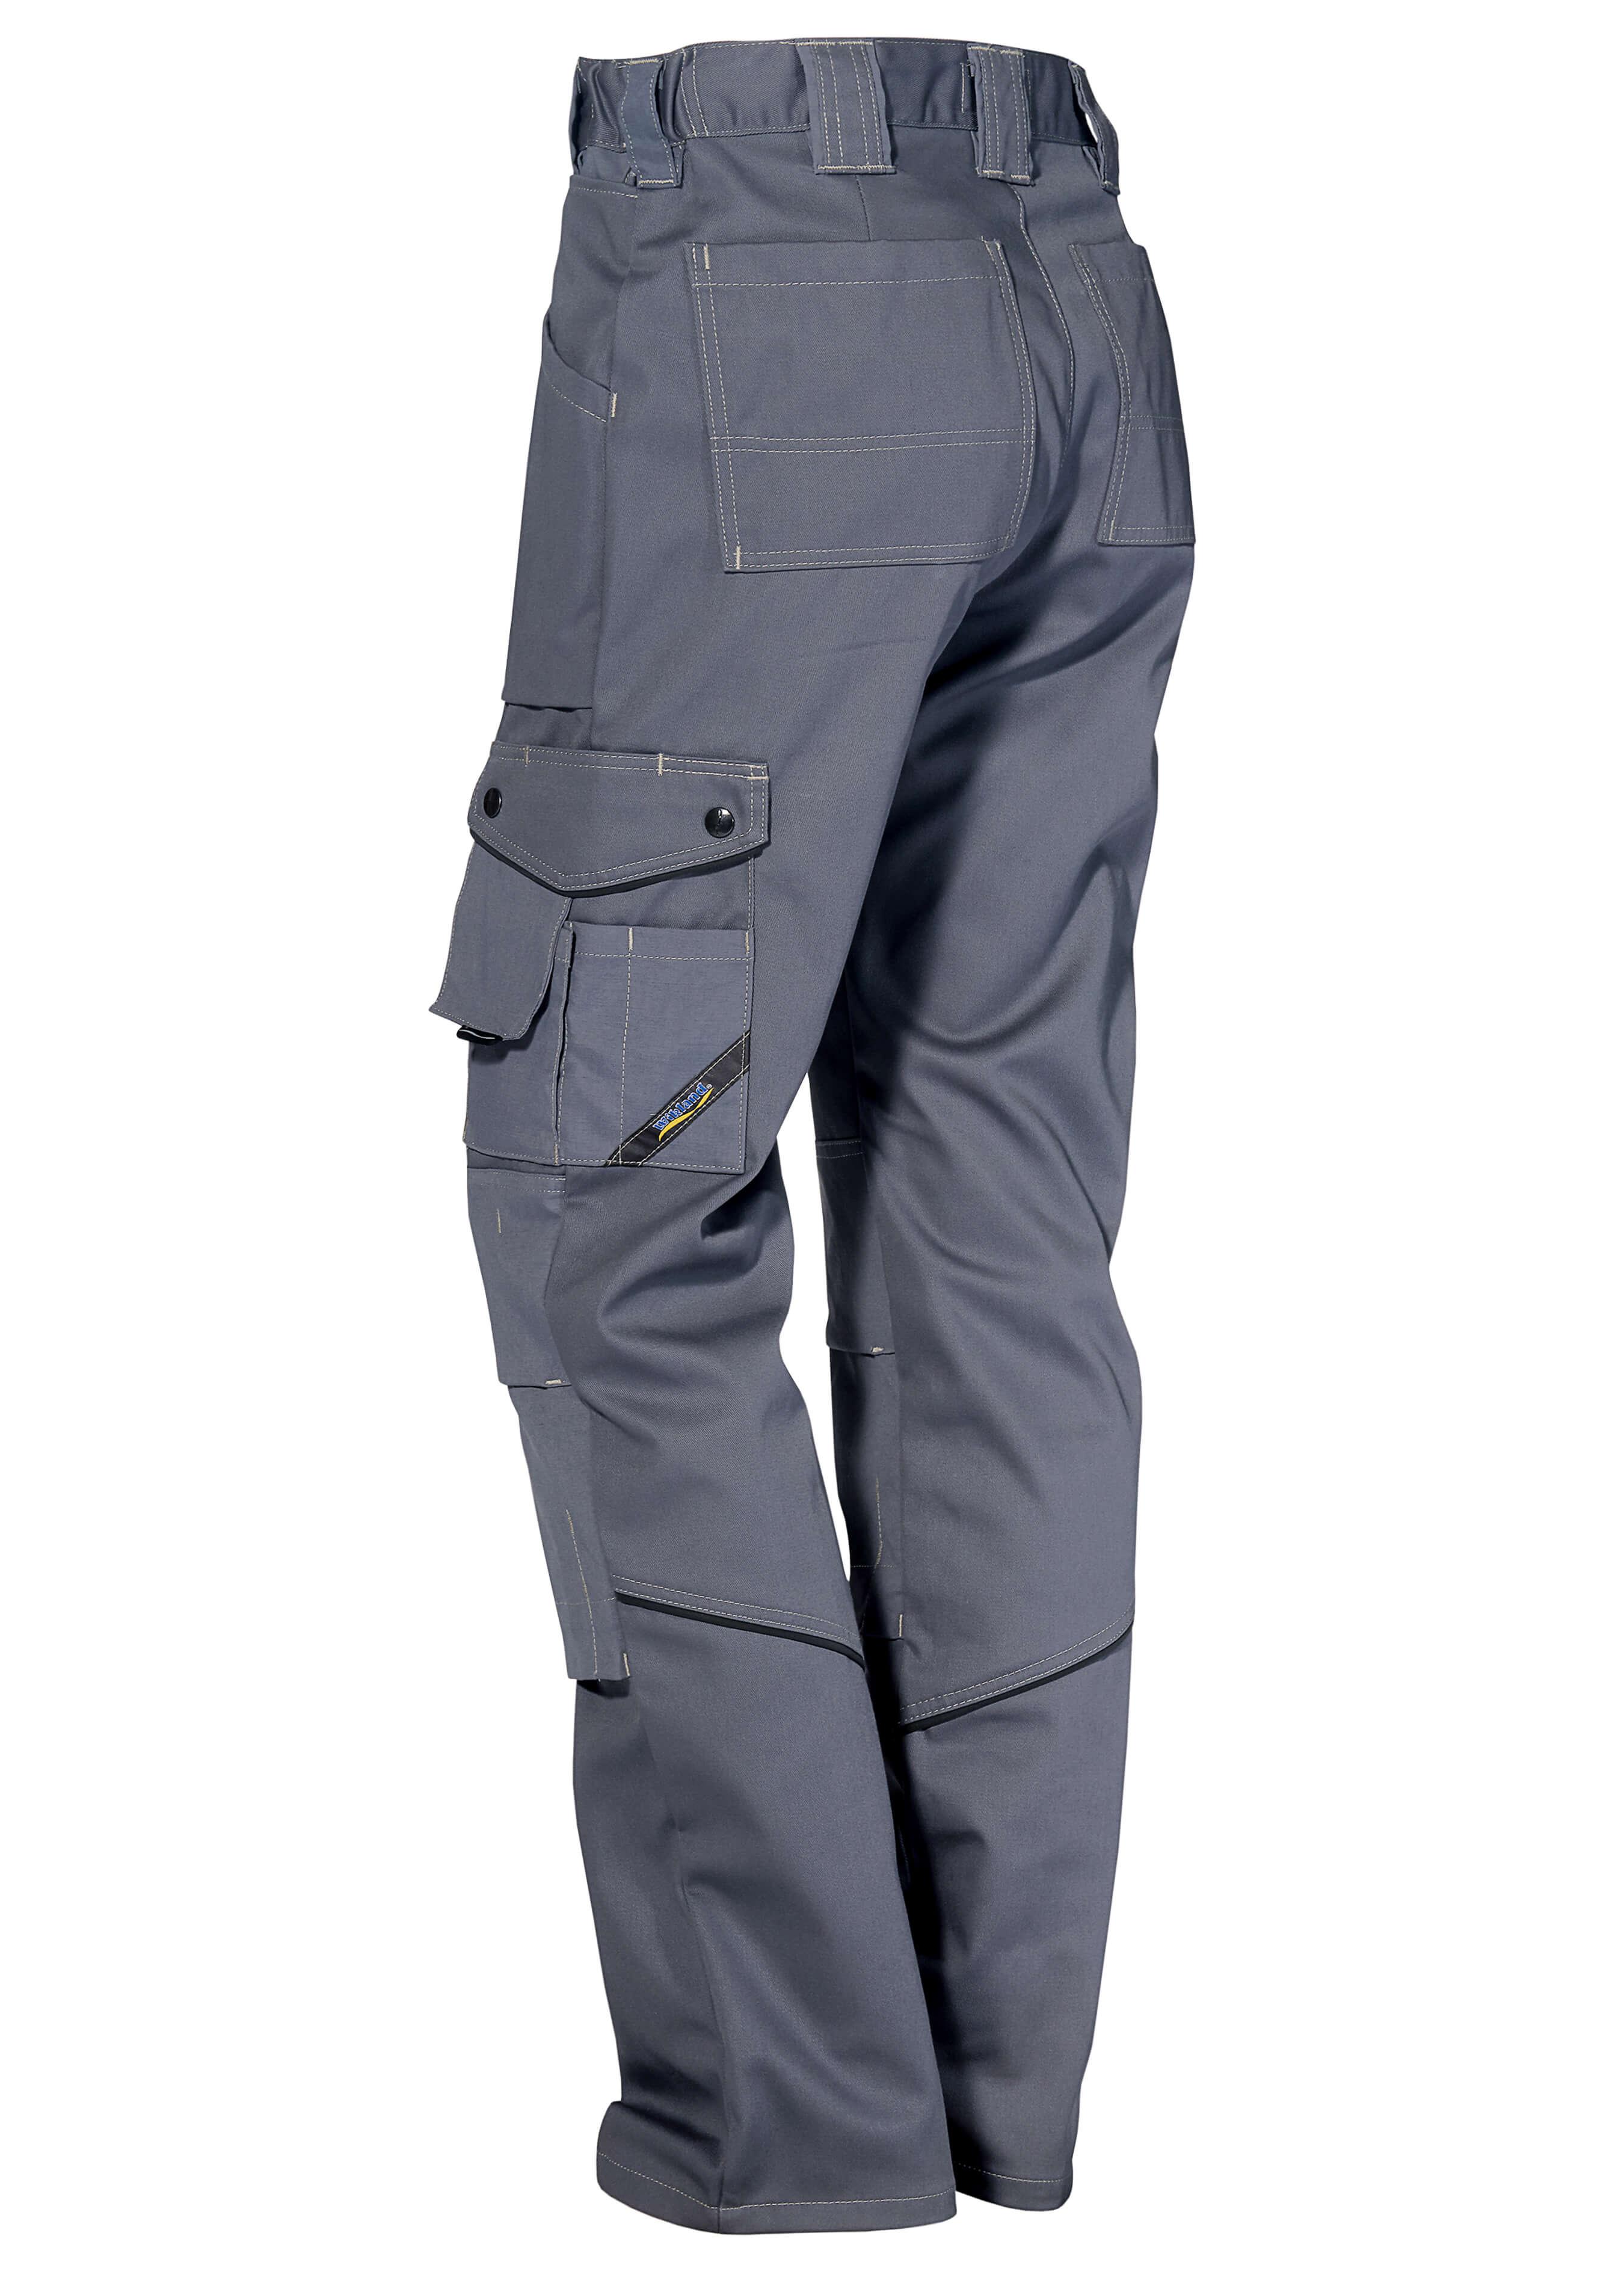 Pantalon de travail d'artisan 1024 26521140 1